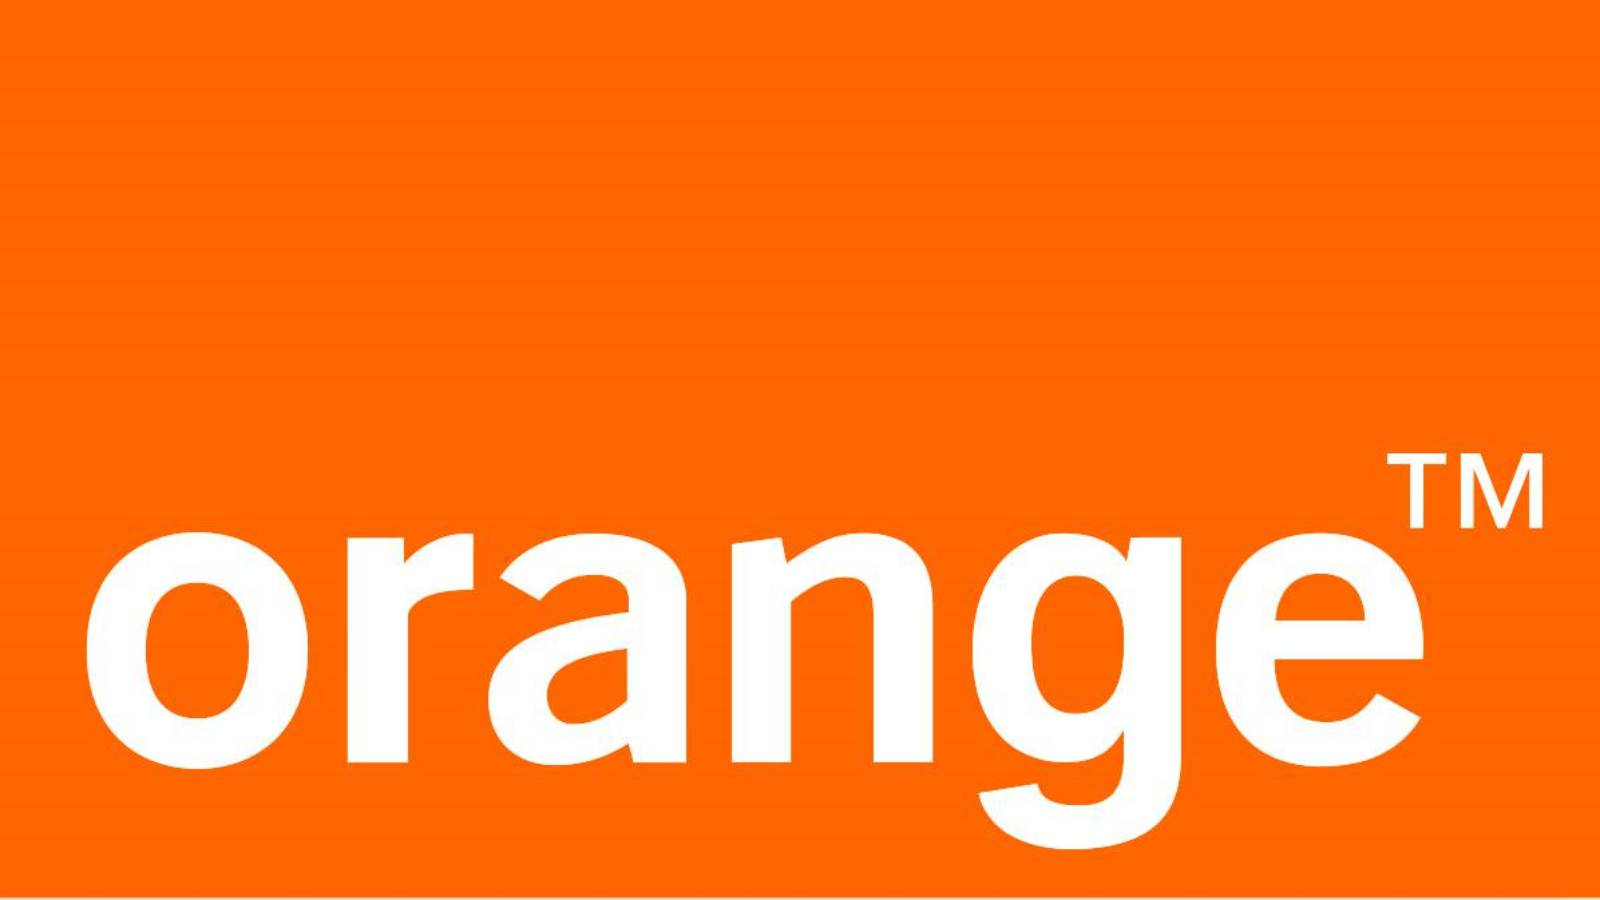 orange cumparare telekom blocata guvern